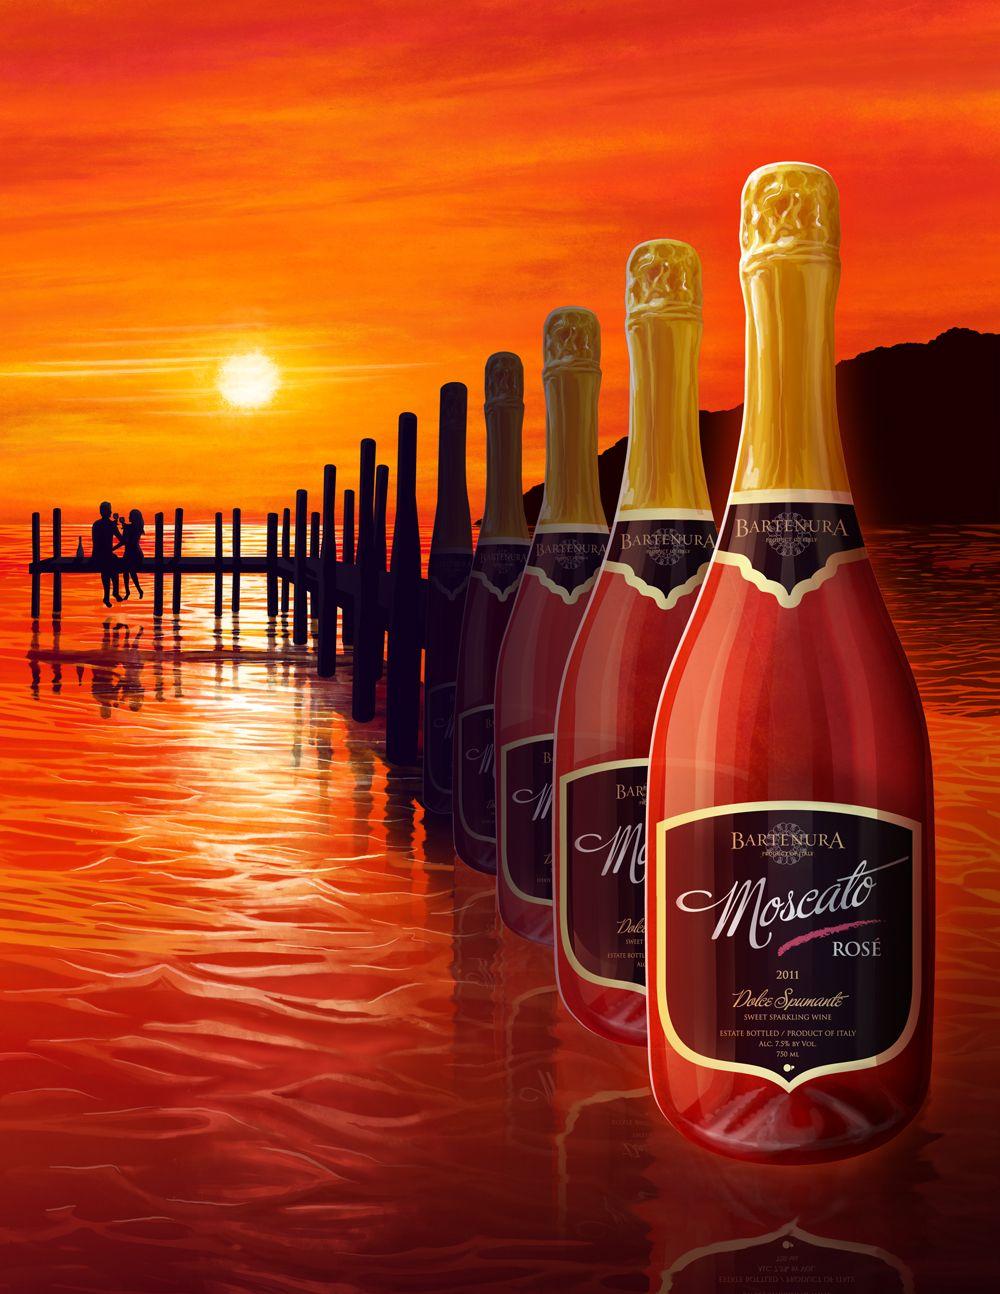 Bartenura Moscato Rose Bartenura Moscato Moscato Wine Rose Wine Bottle